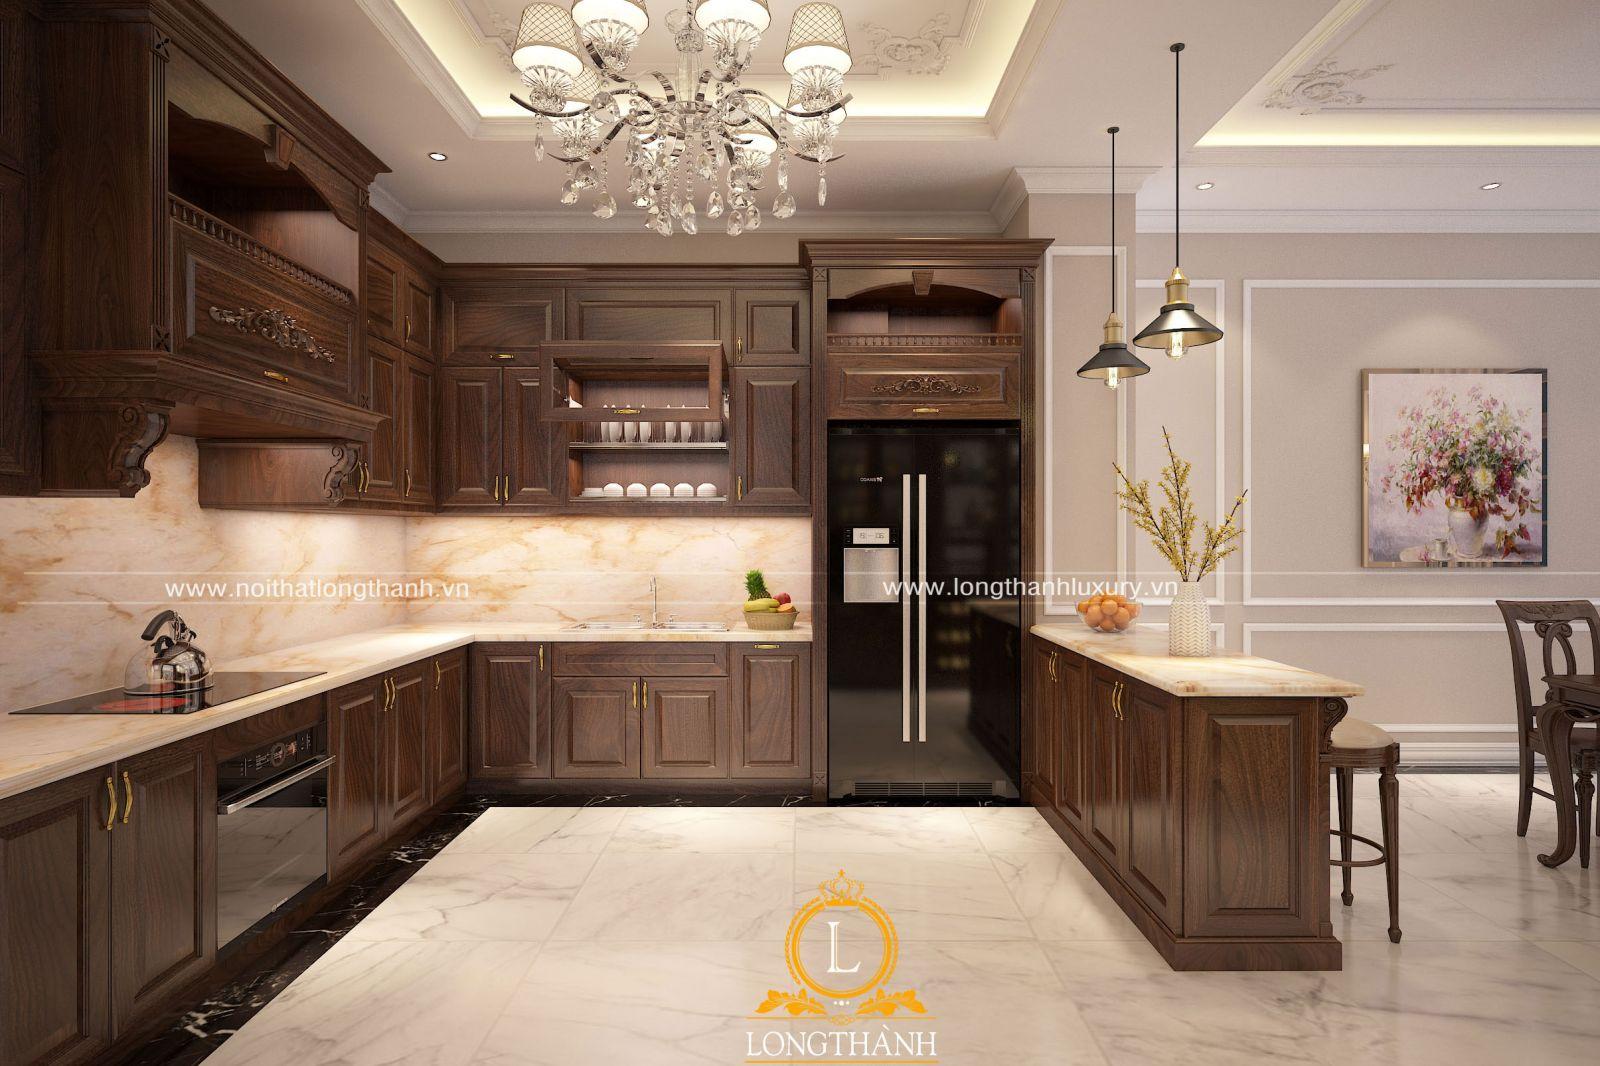 Tủ bếp đẹp thiết kế cân đối không gian